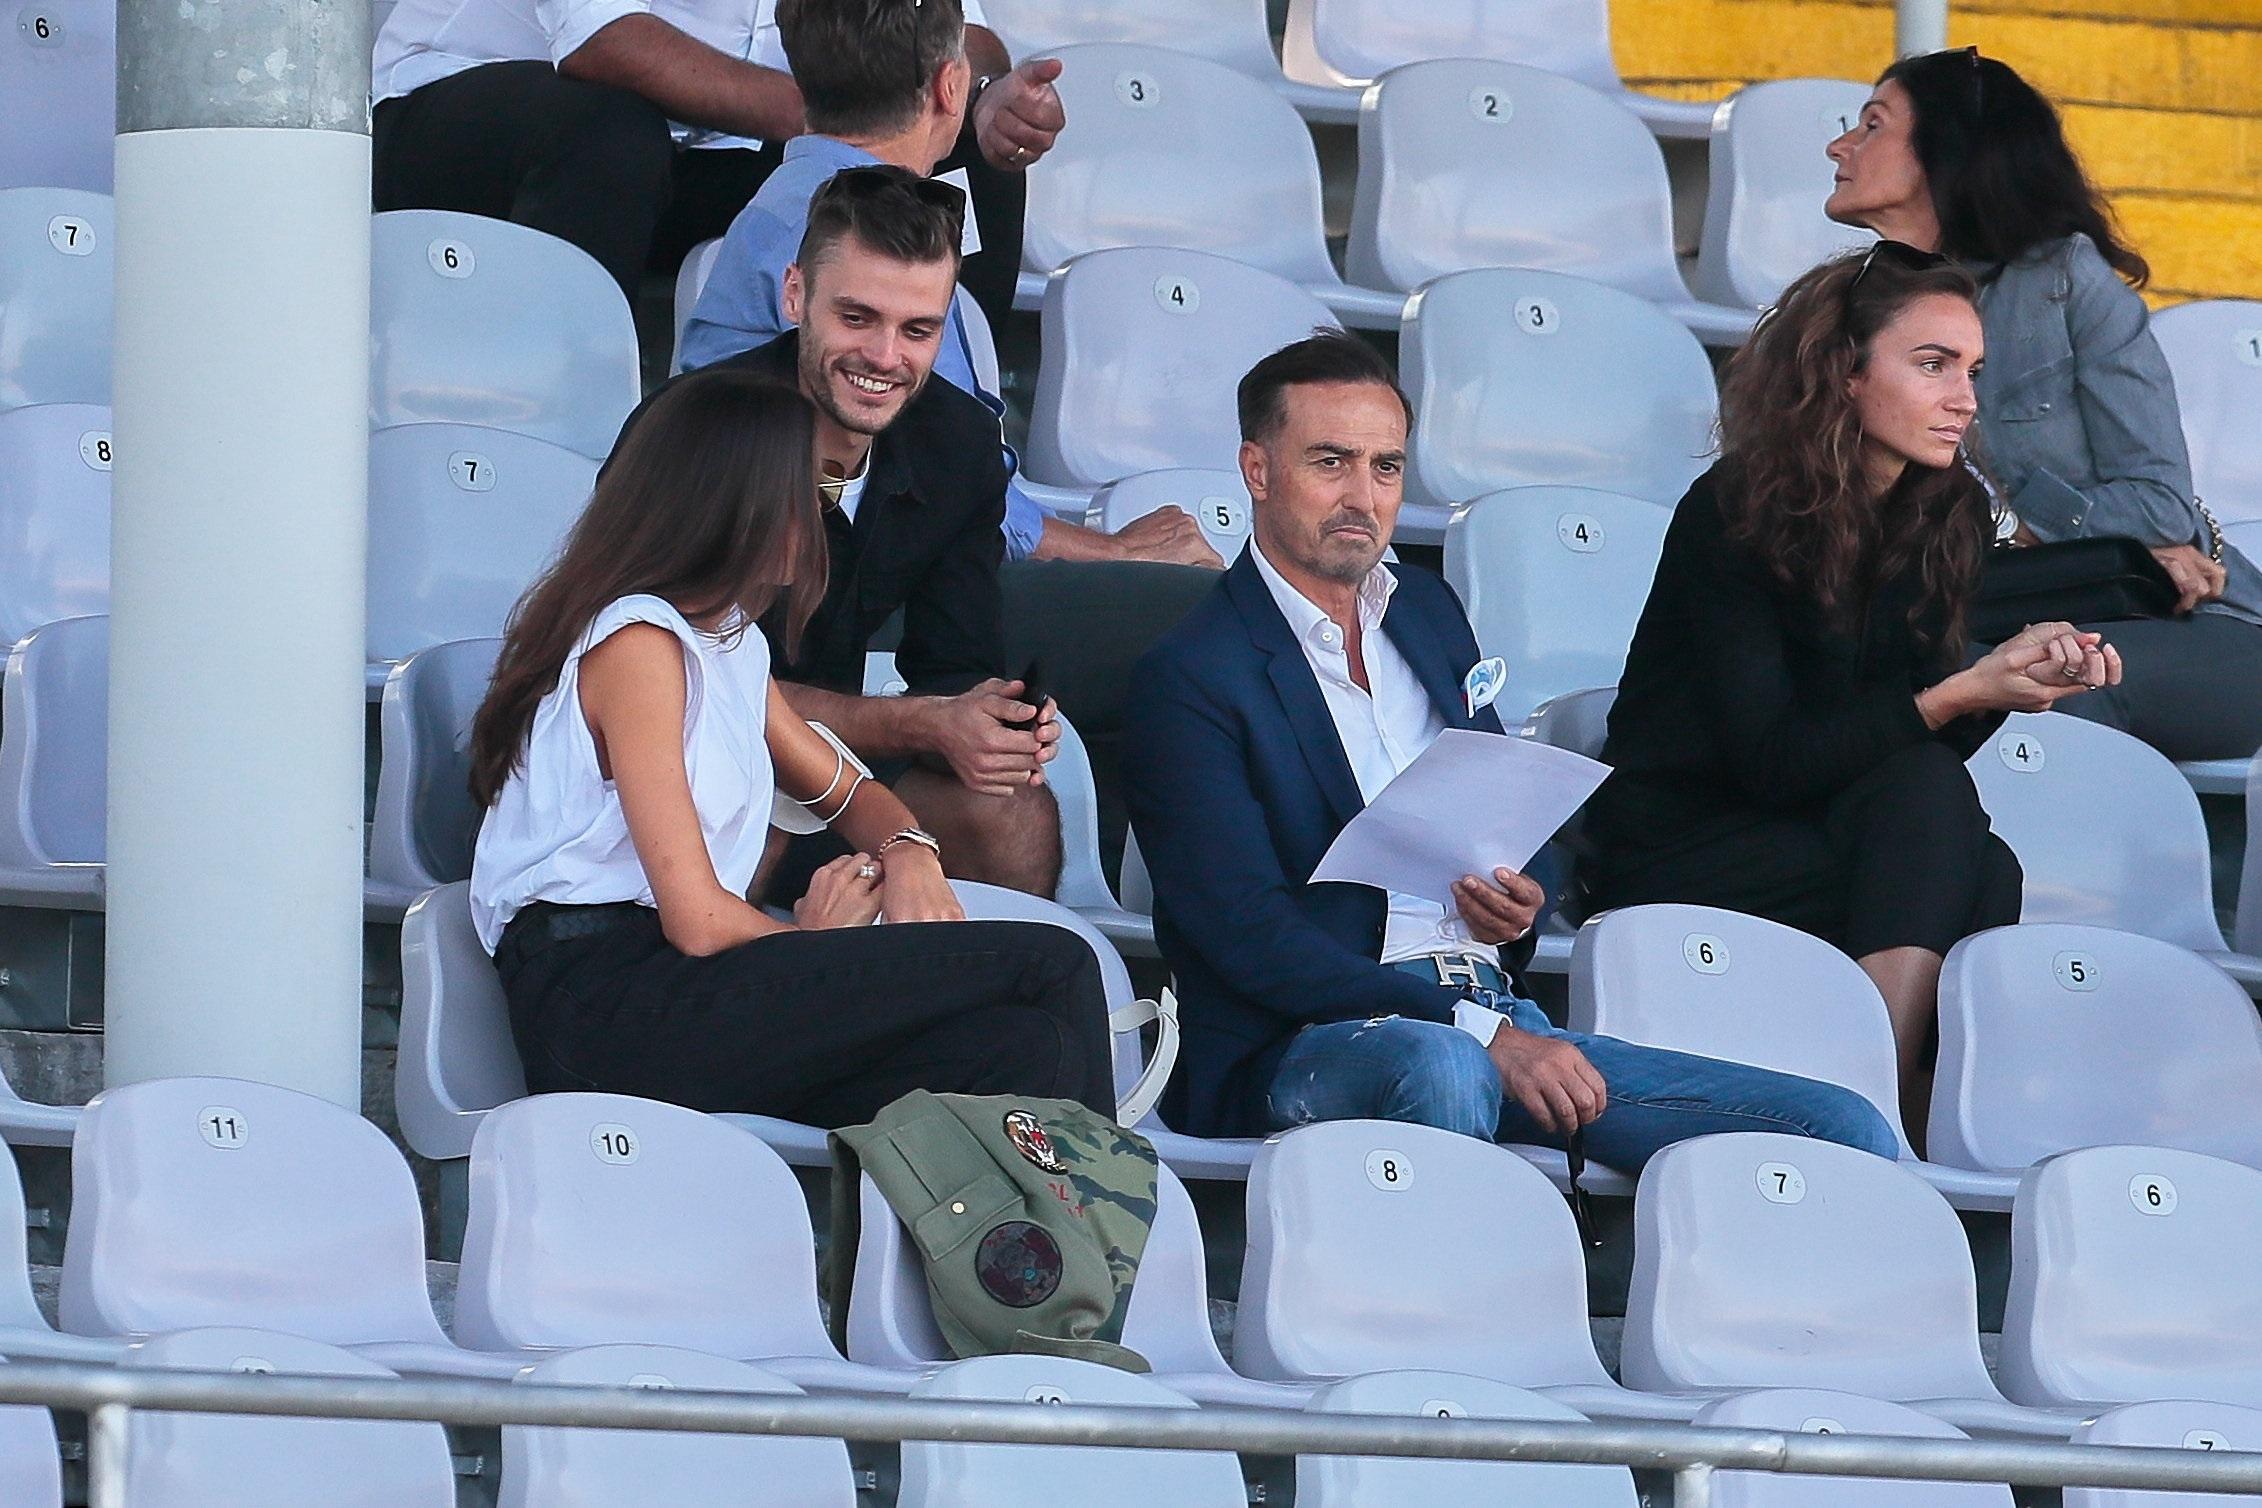 Liga: Türkgücü München bestätigt Rückzug von Investor Kivran | BR24